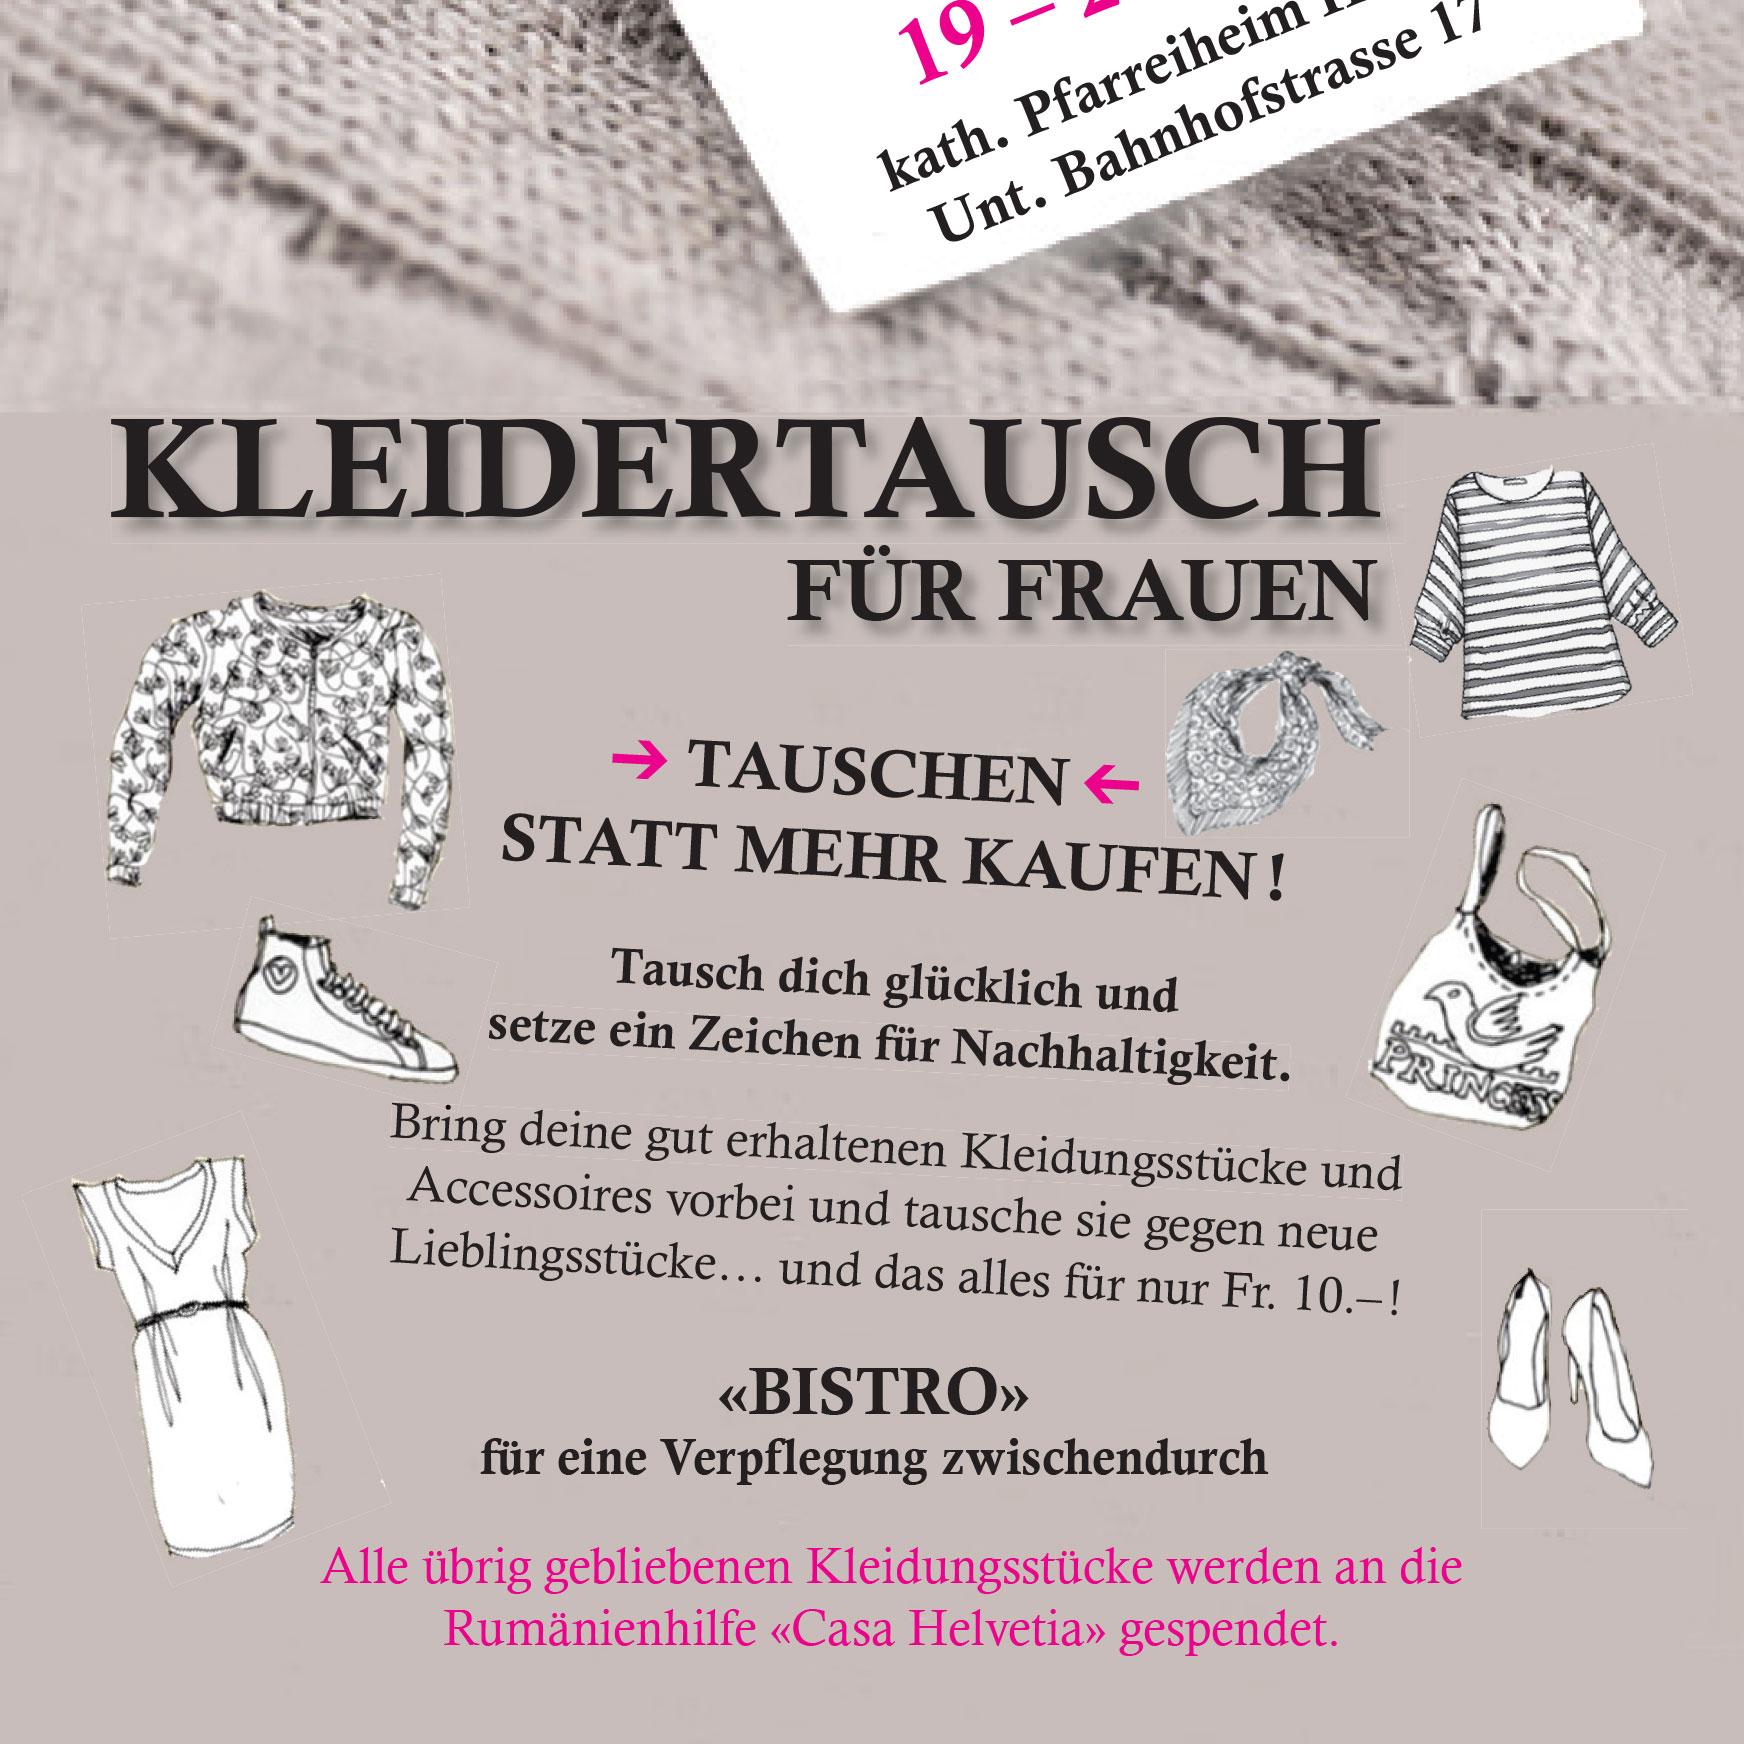 Flyer_Kleidertausch